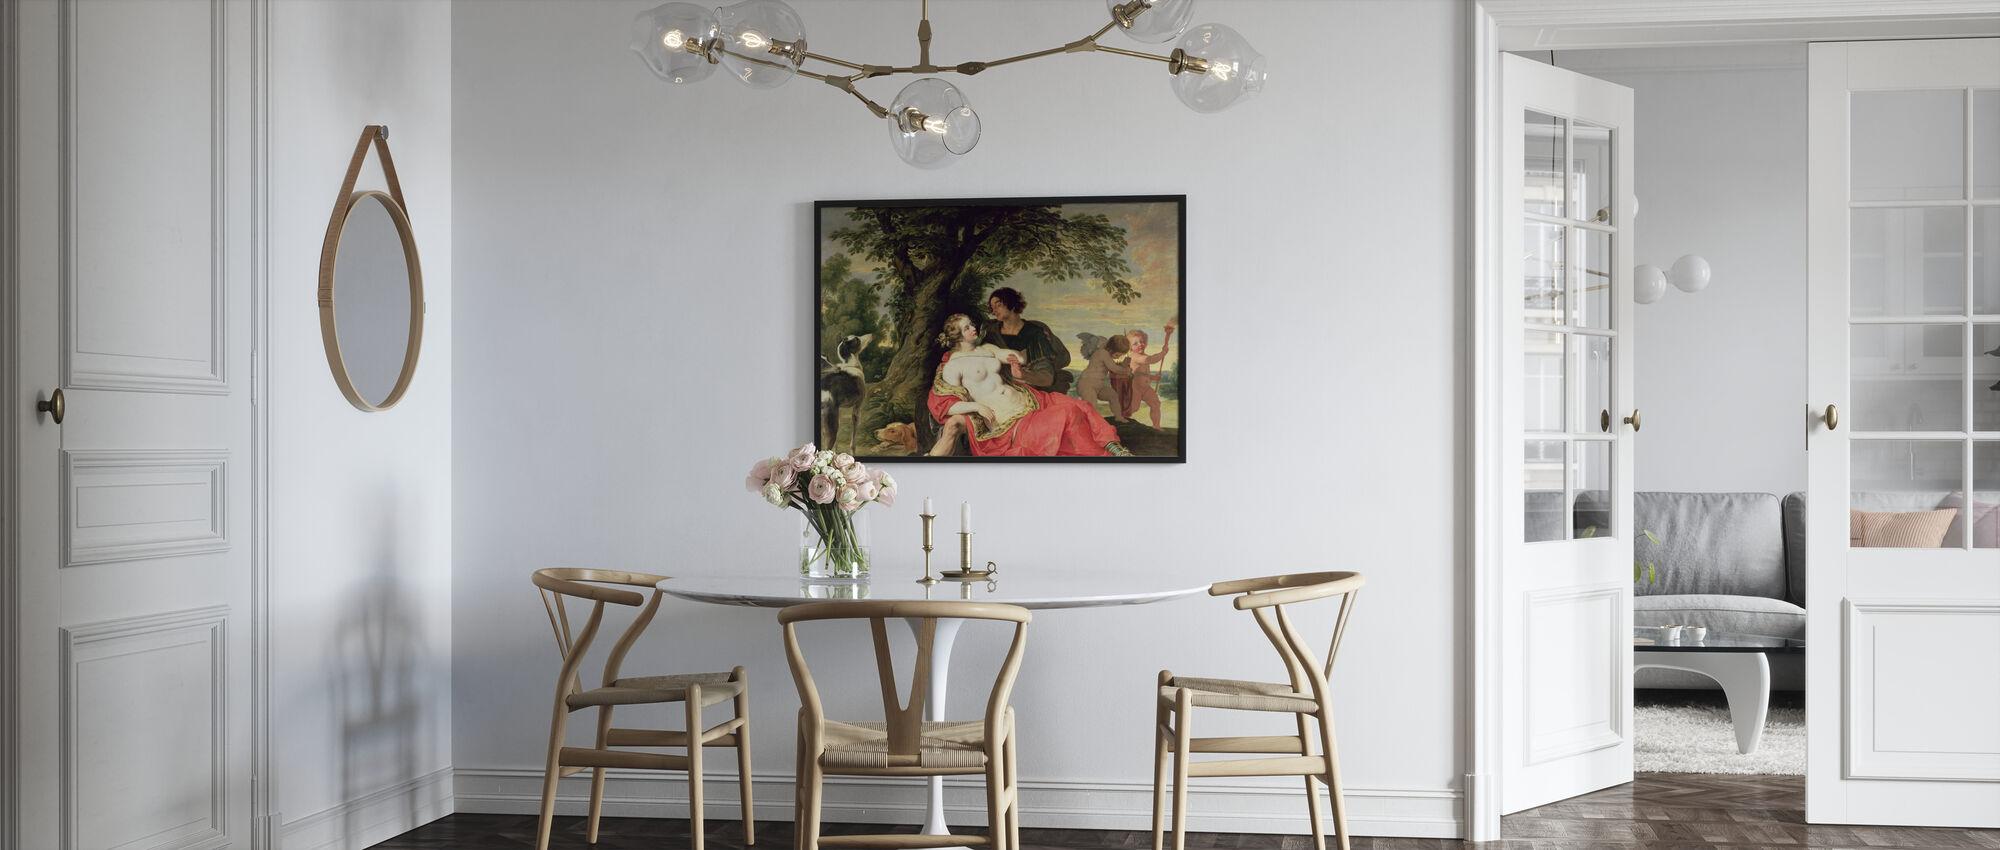 Venus und Adonis - Abraham Janssens - Poster - Küchen